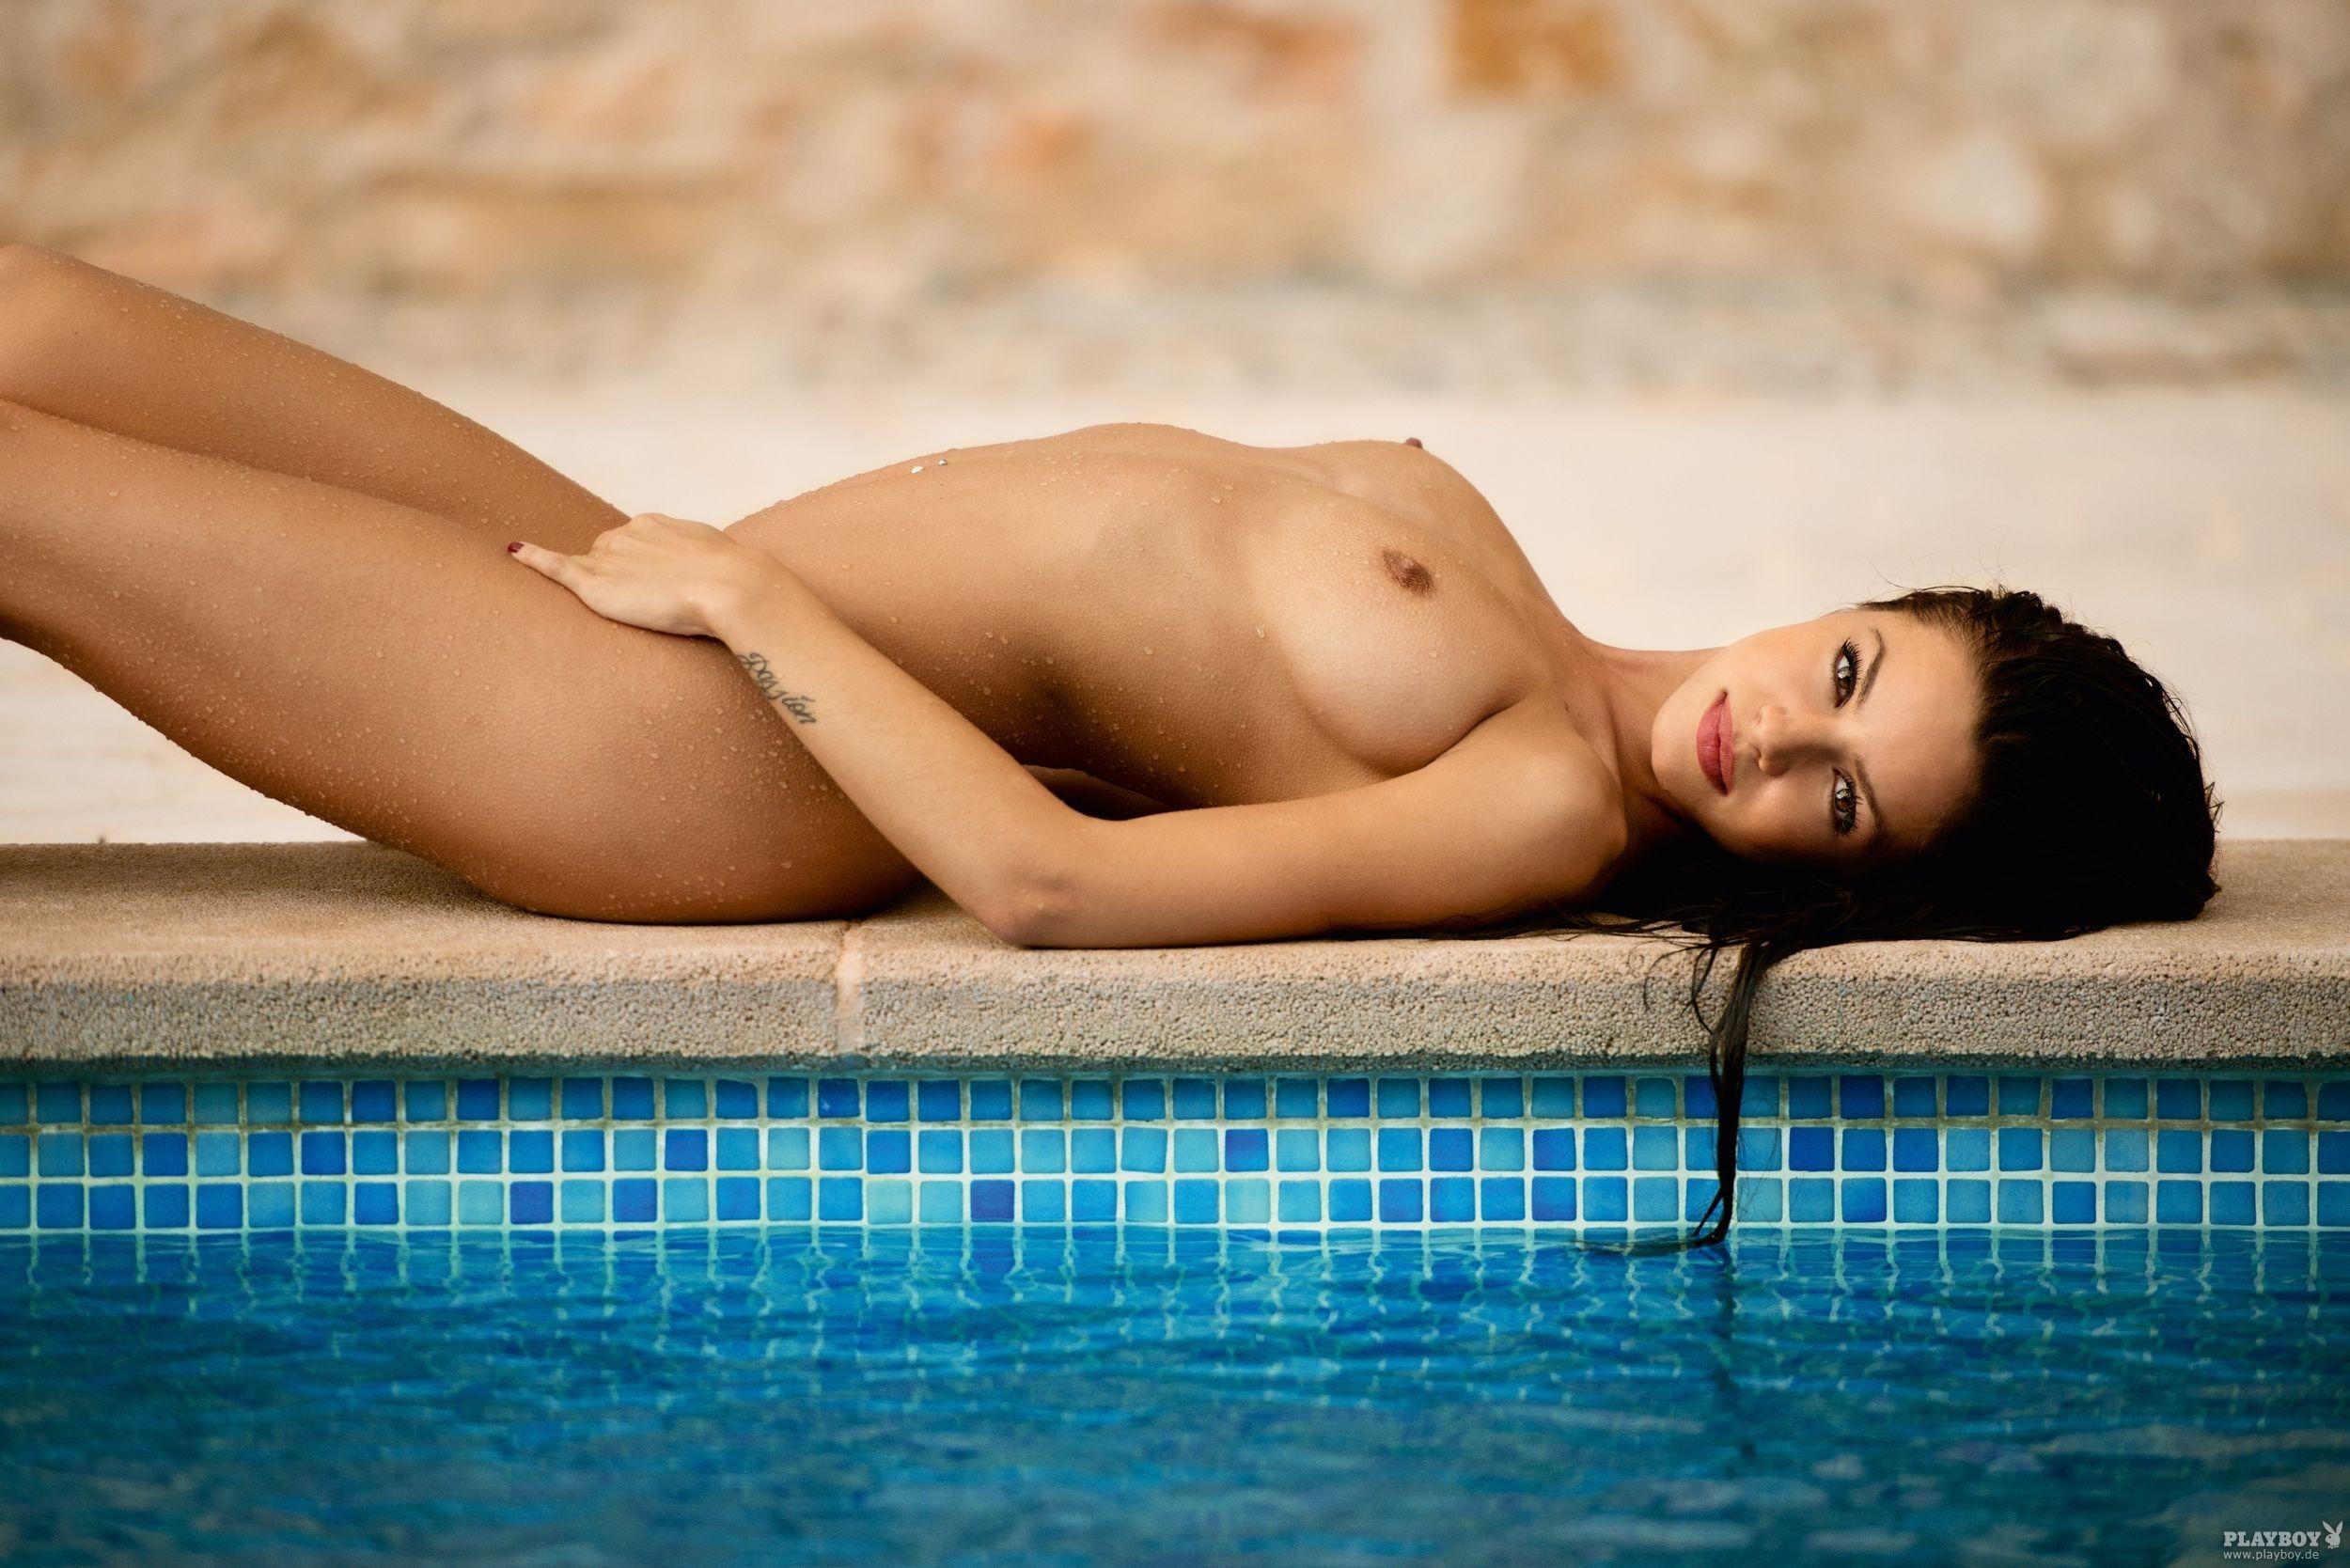 iris-shala-naked-playboy-21